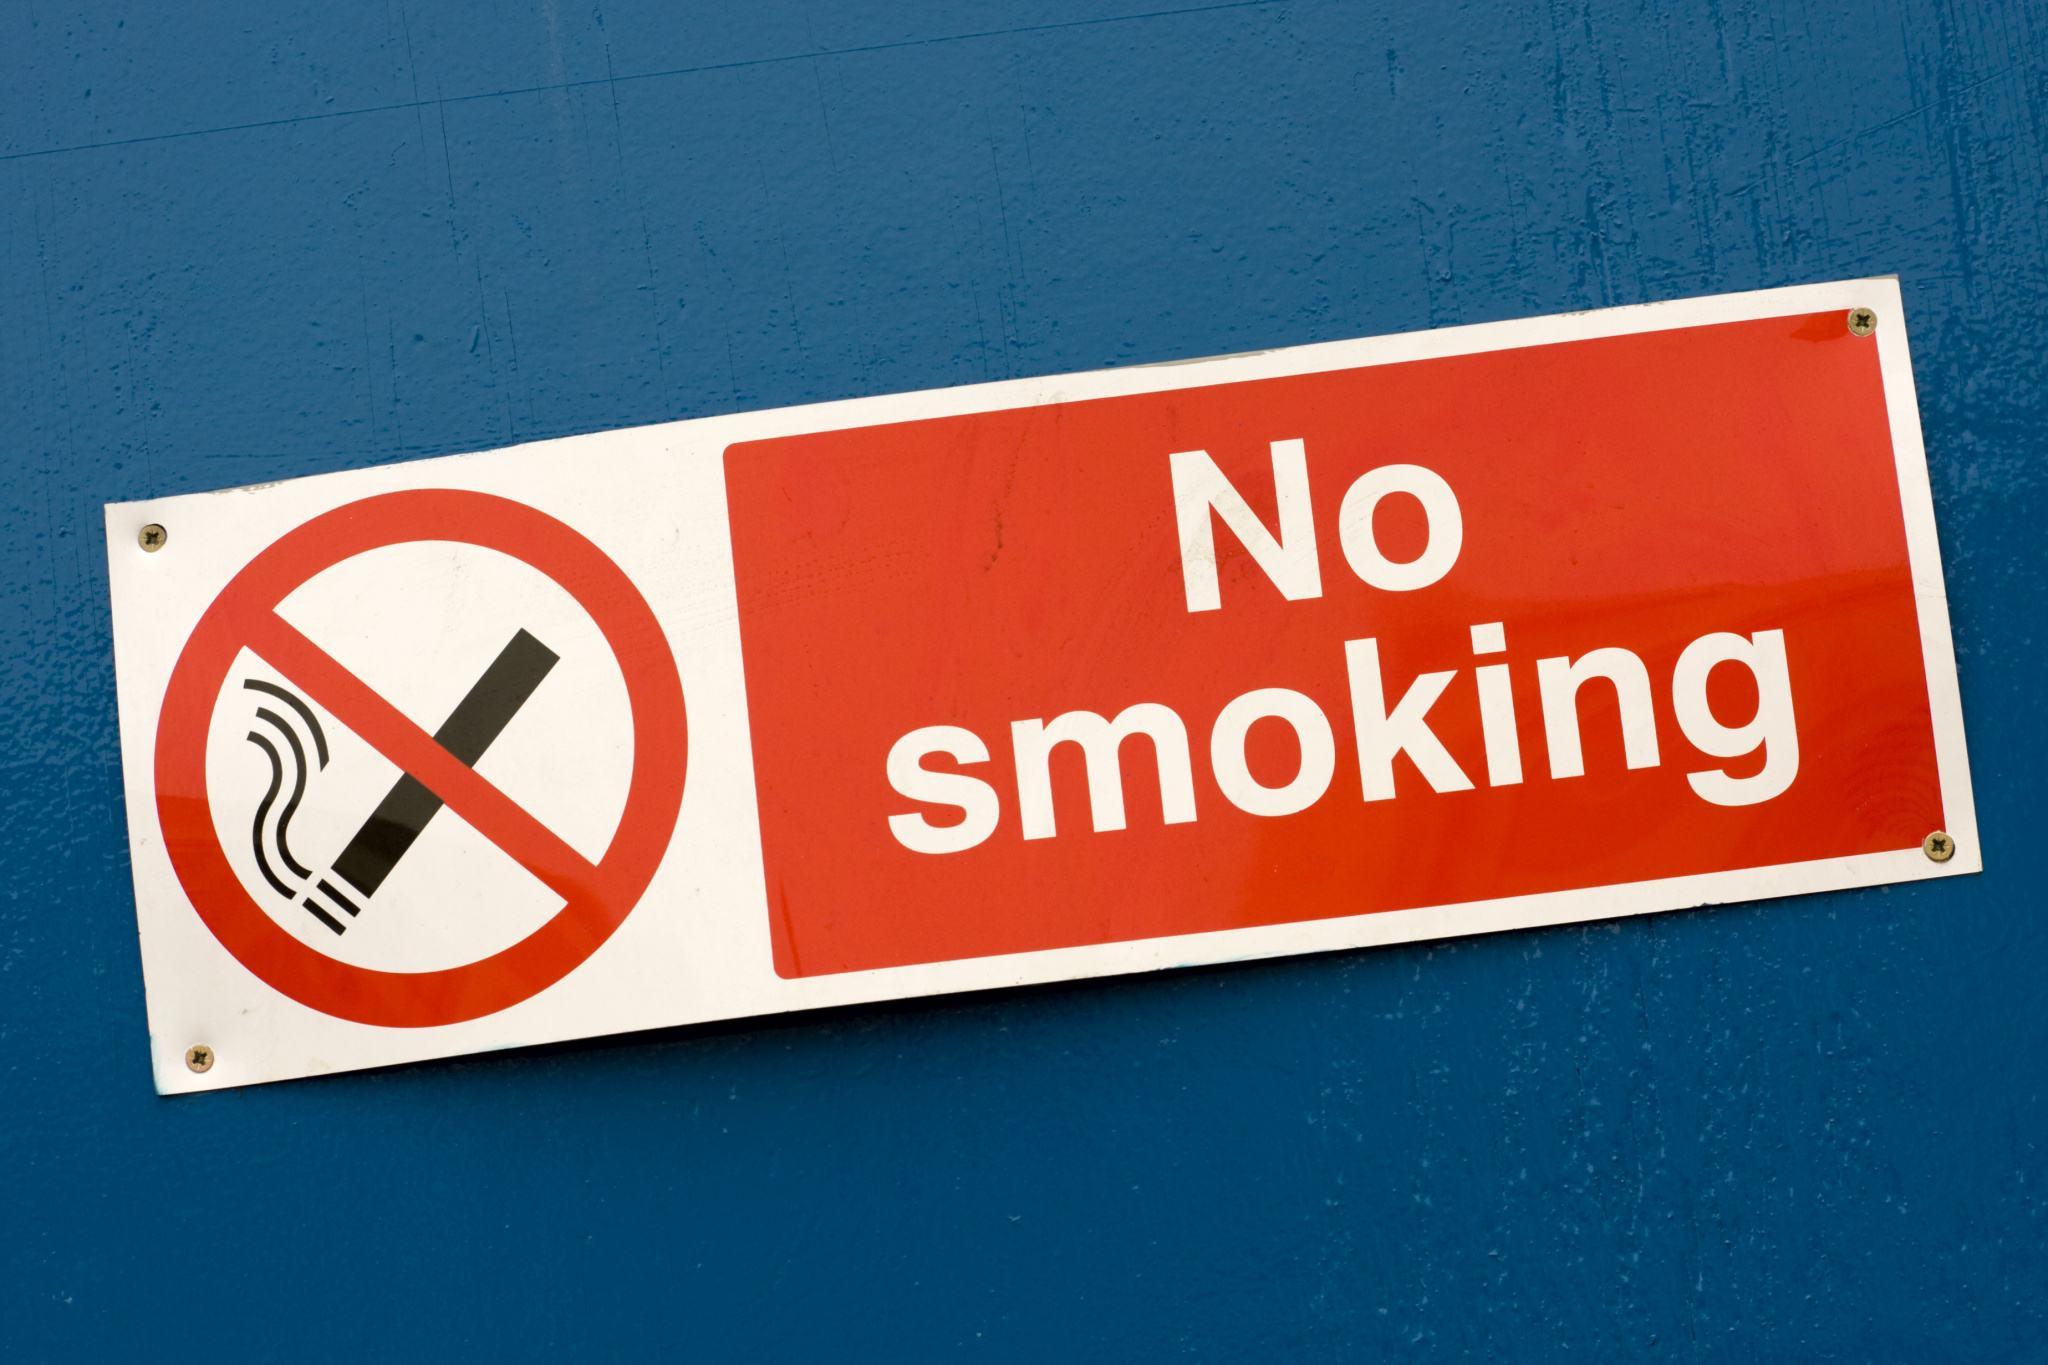 因为控烟不力被举报,西安一火锅店被处罚500元